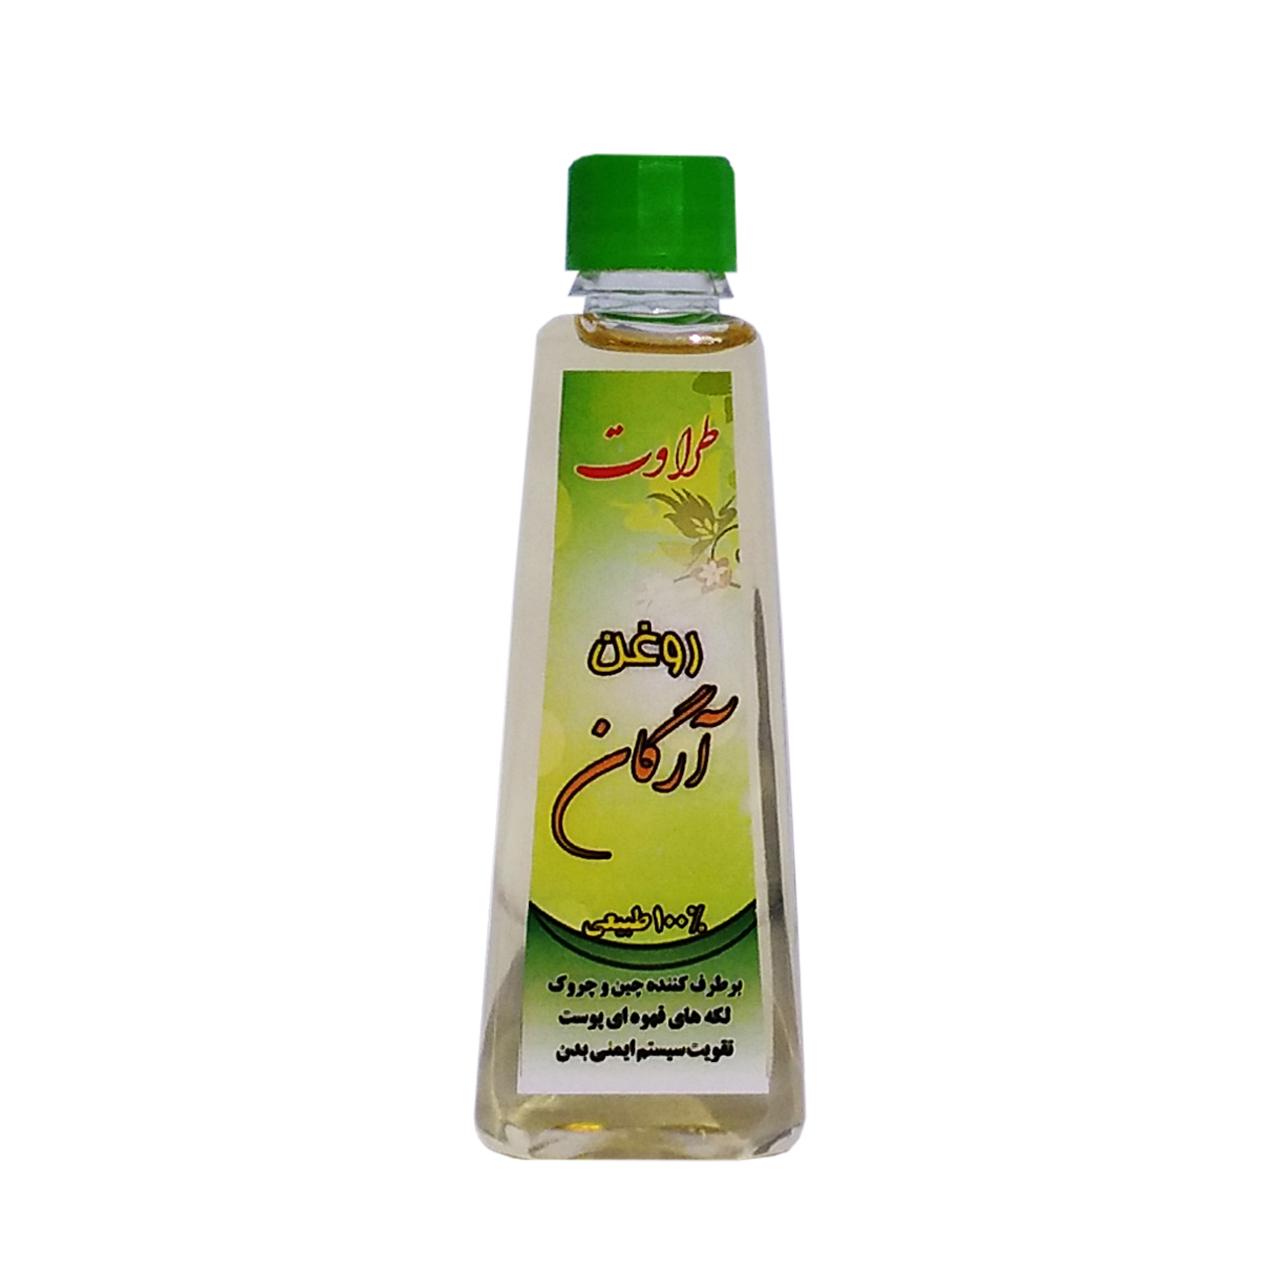 قیمت روغن آرگان طراوت مدل Argan oil حجم 50 میلی لیتر